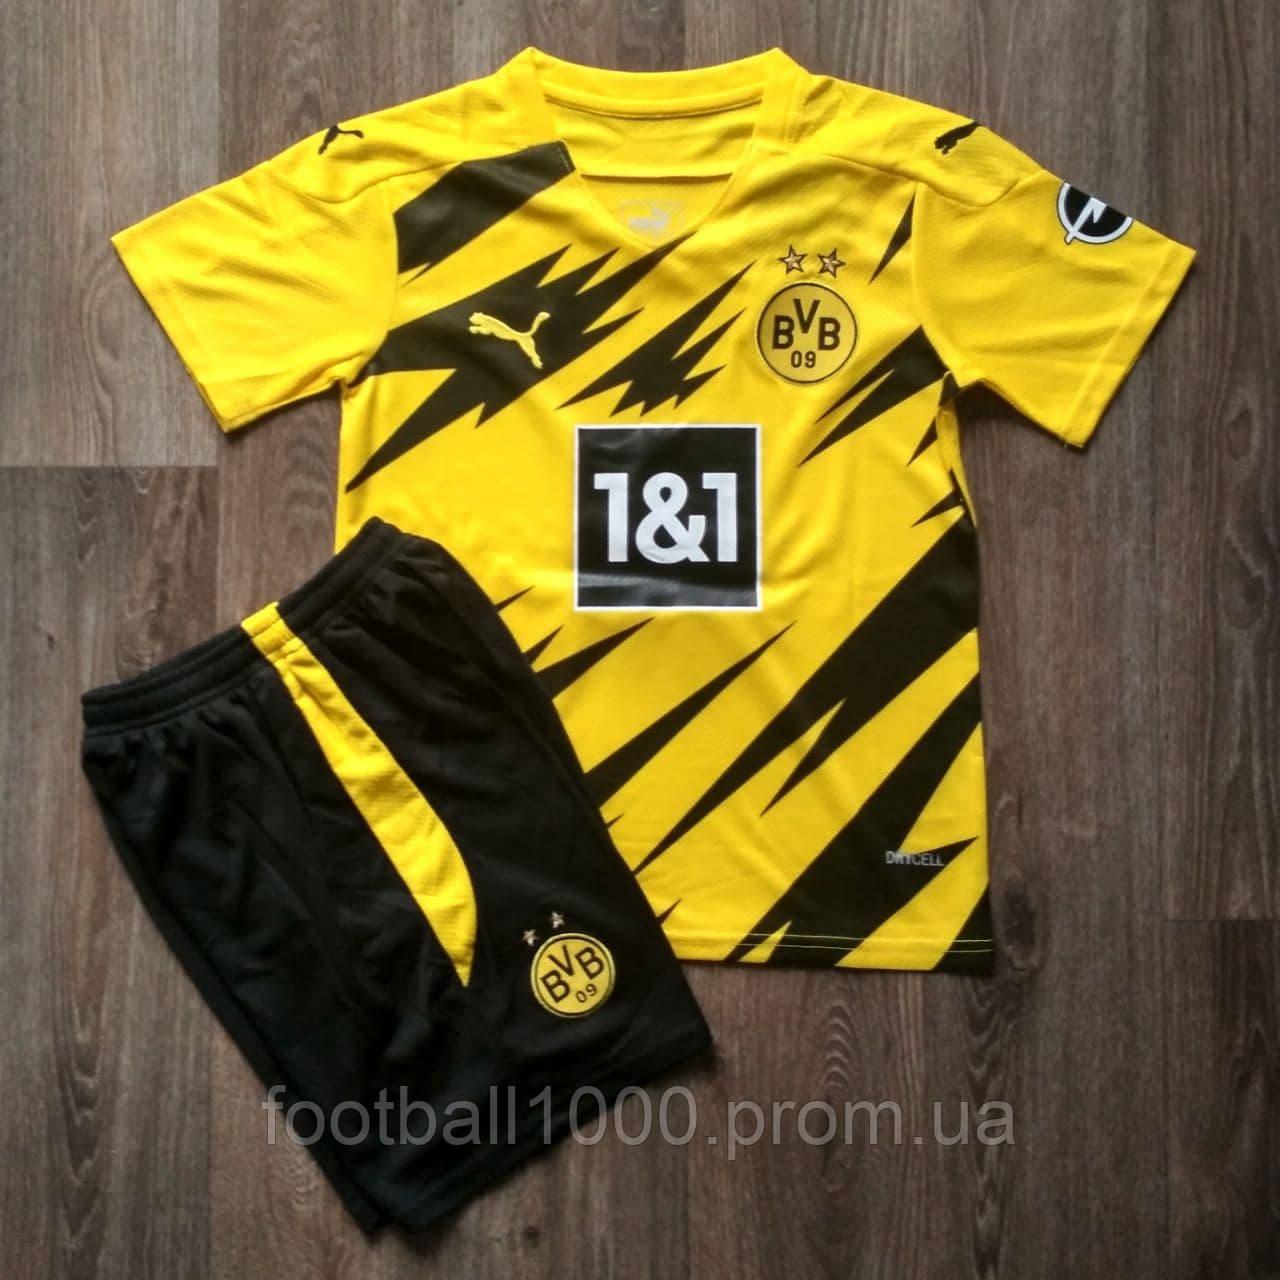 Дитяча футбольна форма Боруссія Дортмунд домашня 2020-2021 жовта